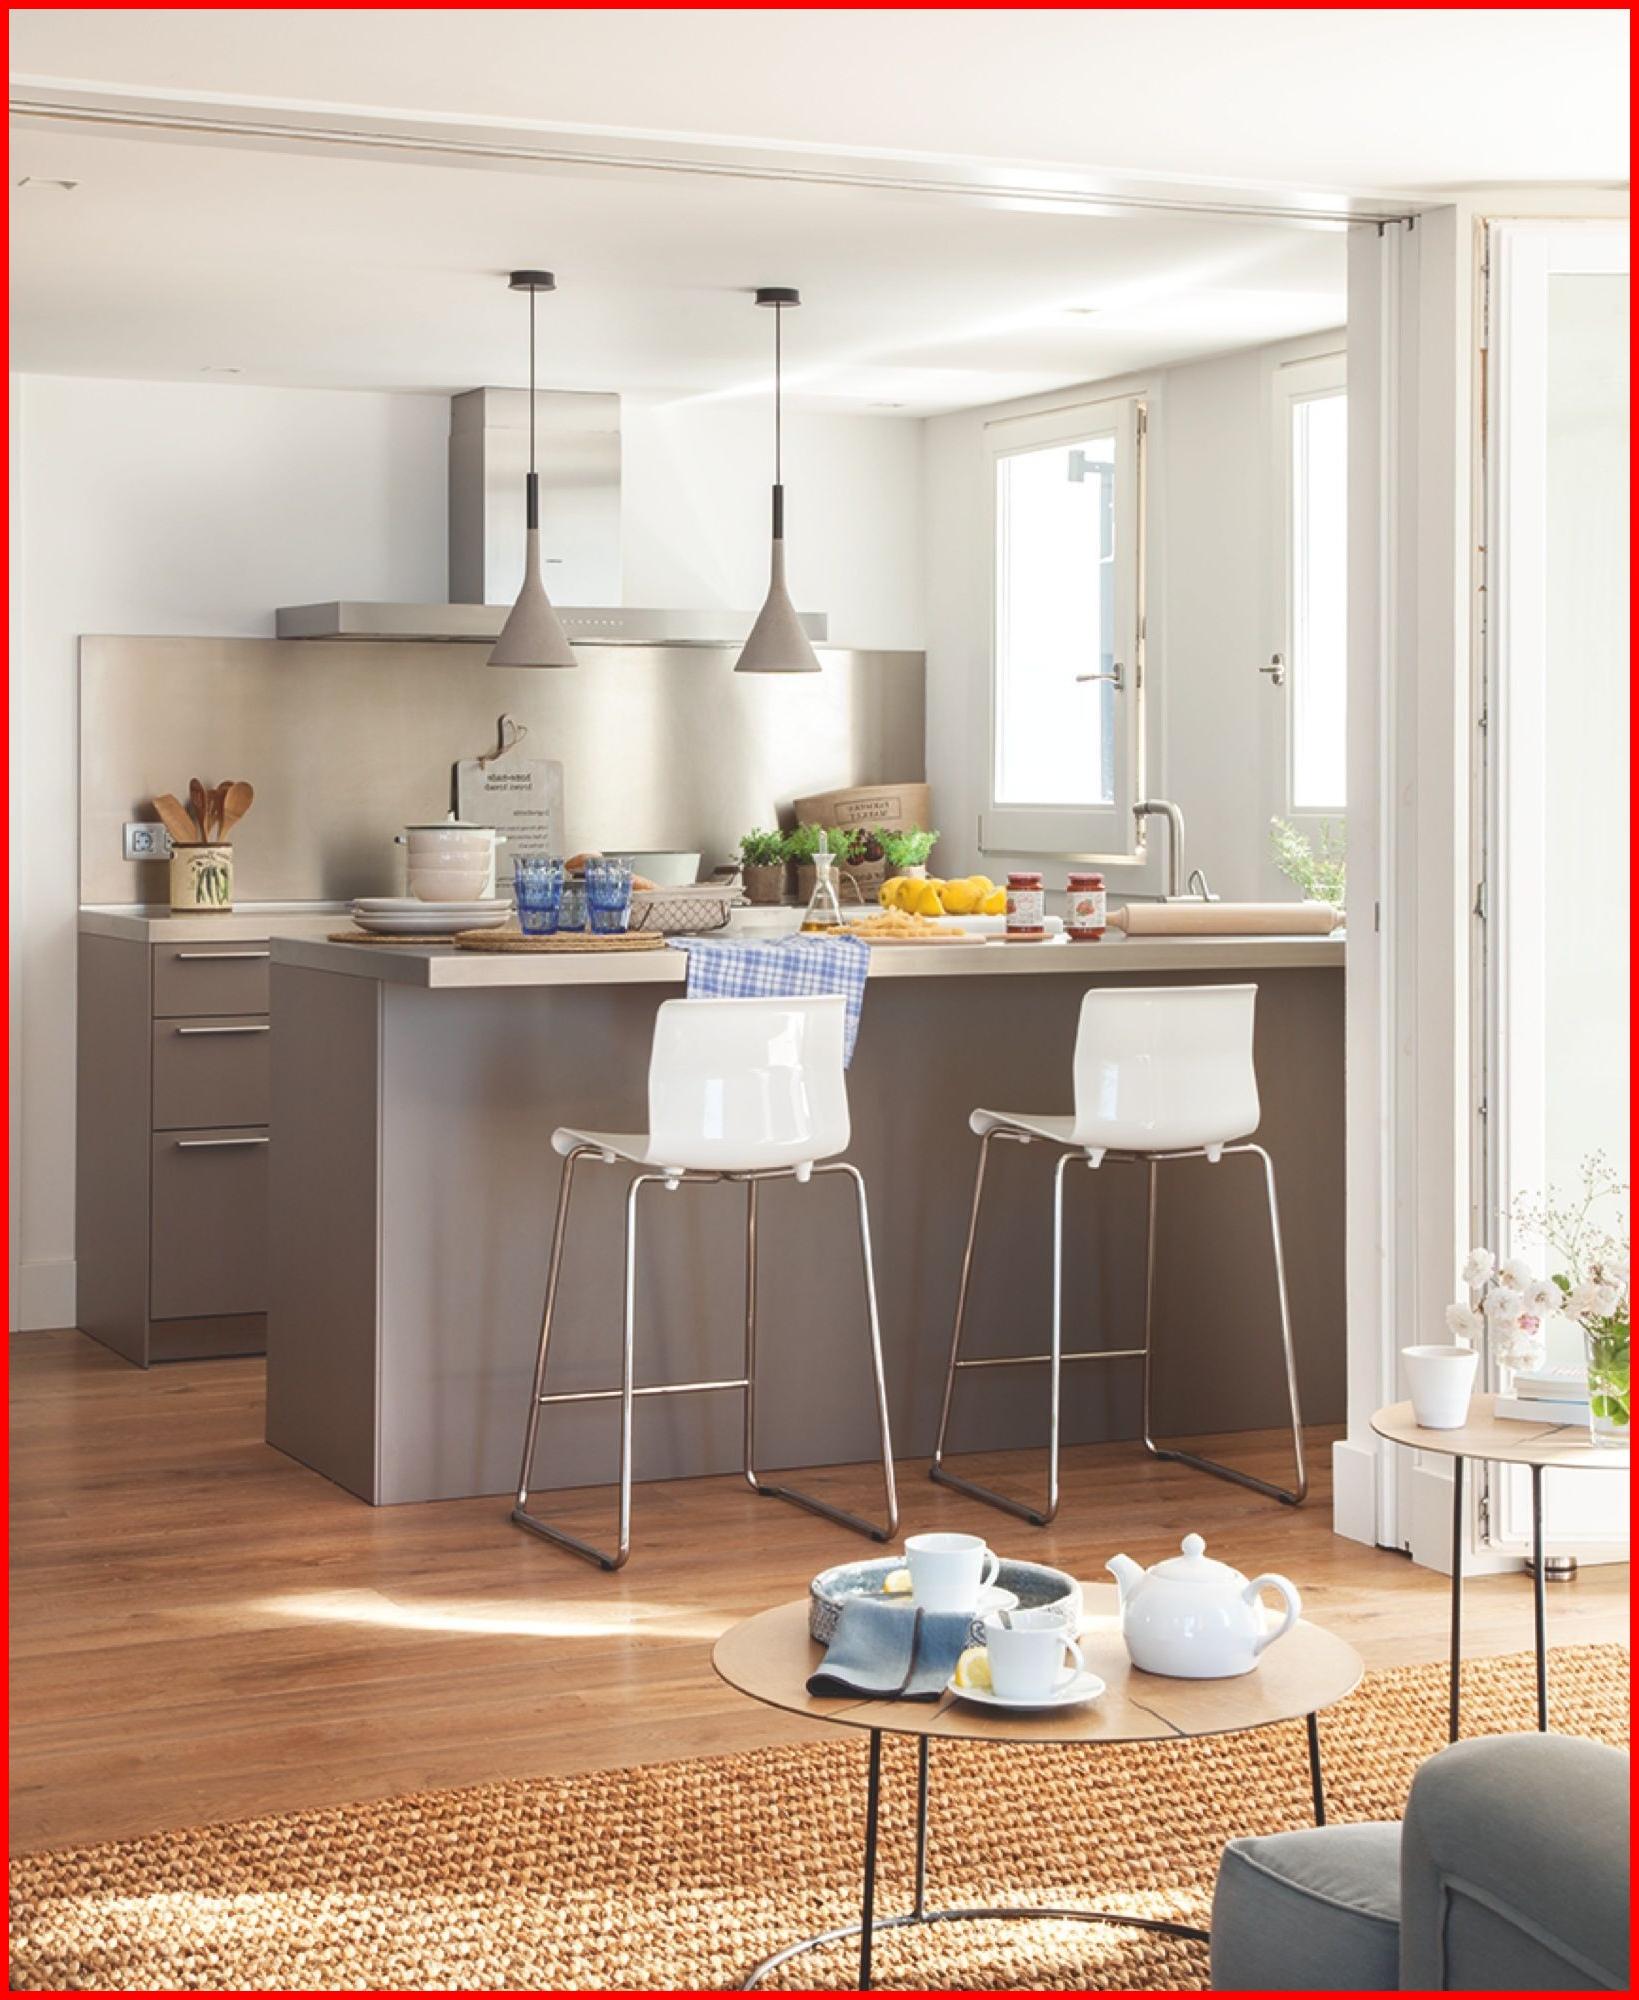 Muebles Para Cocinas Pequeñas O2d5 Muebles Para Cocinas Pequeà as En La Cocina El Mobiliario Los